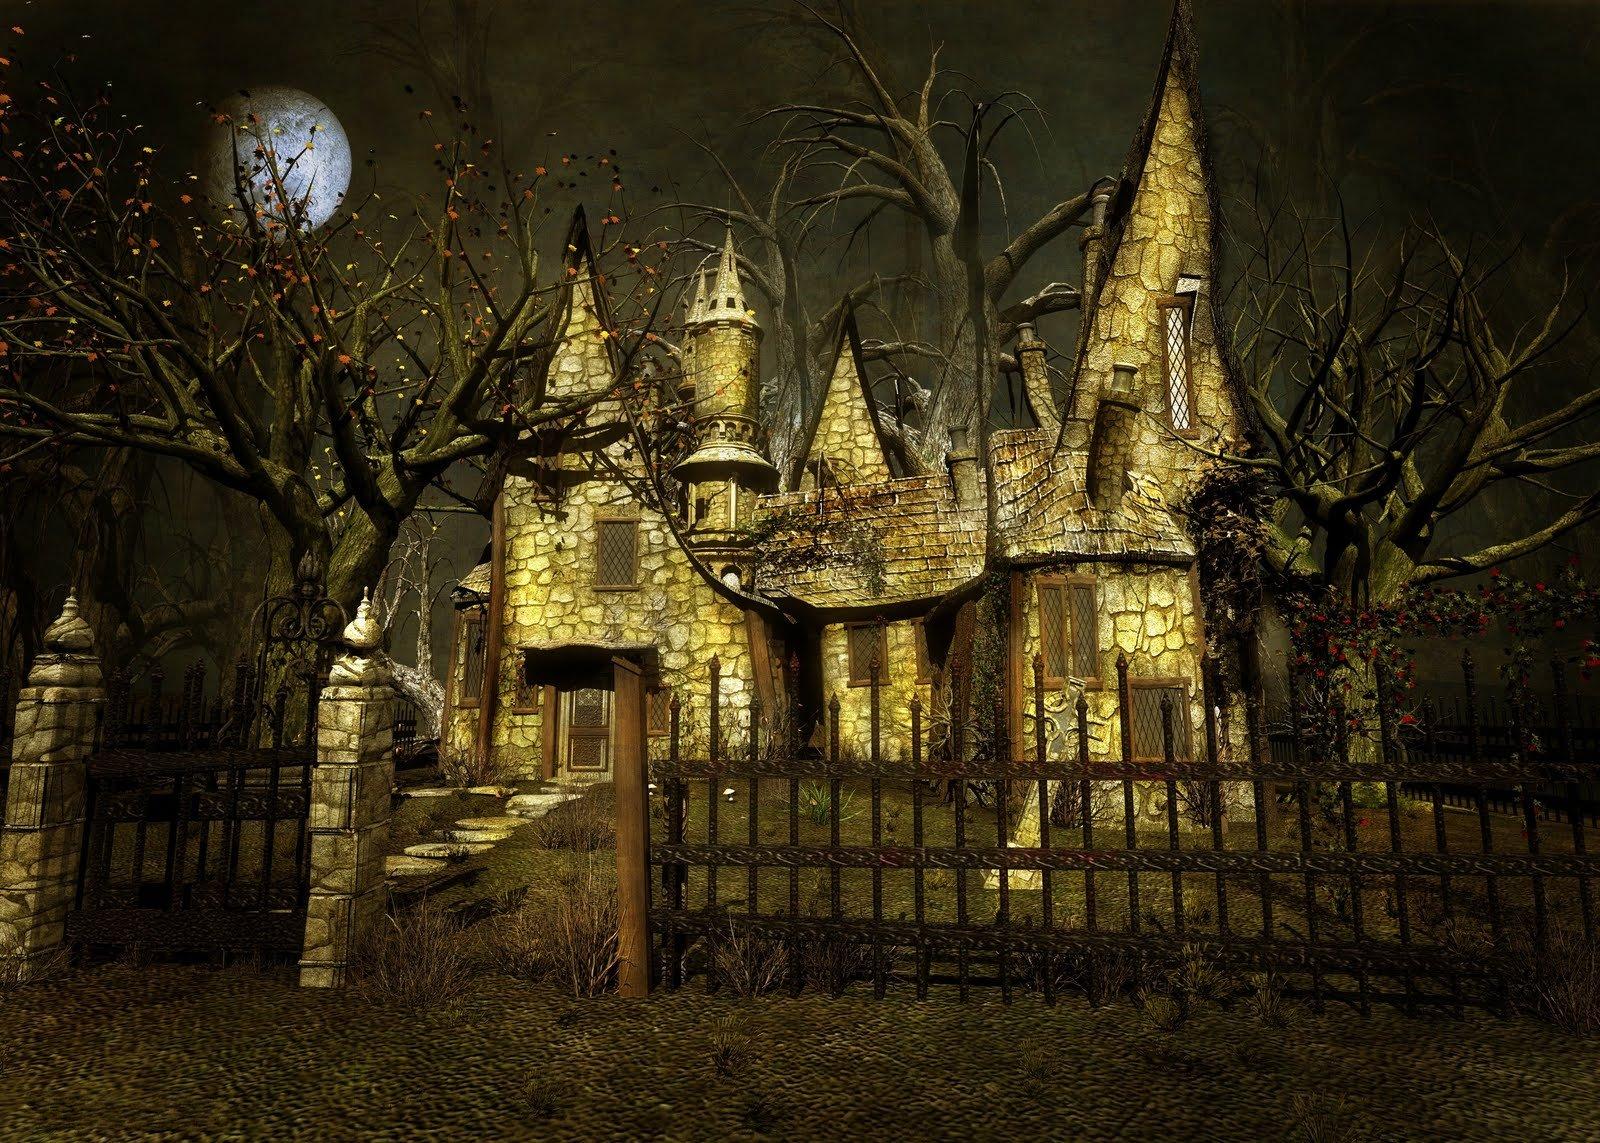 Artistico - Casa  Artistico Fantasy Staccionate Unusual Spooky Sfondo